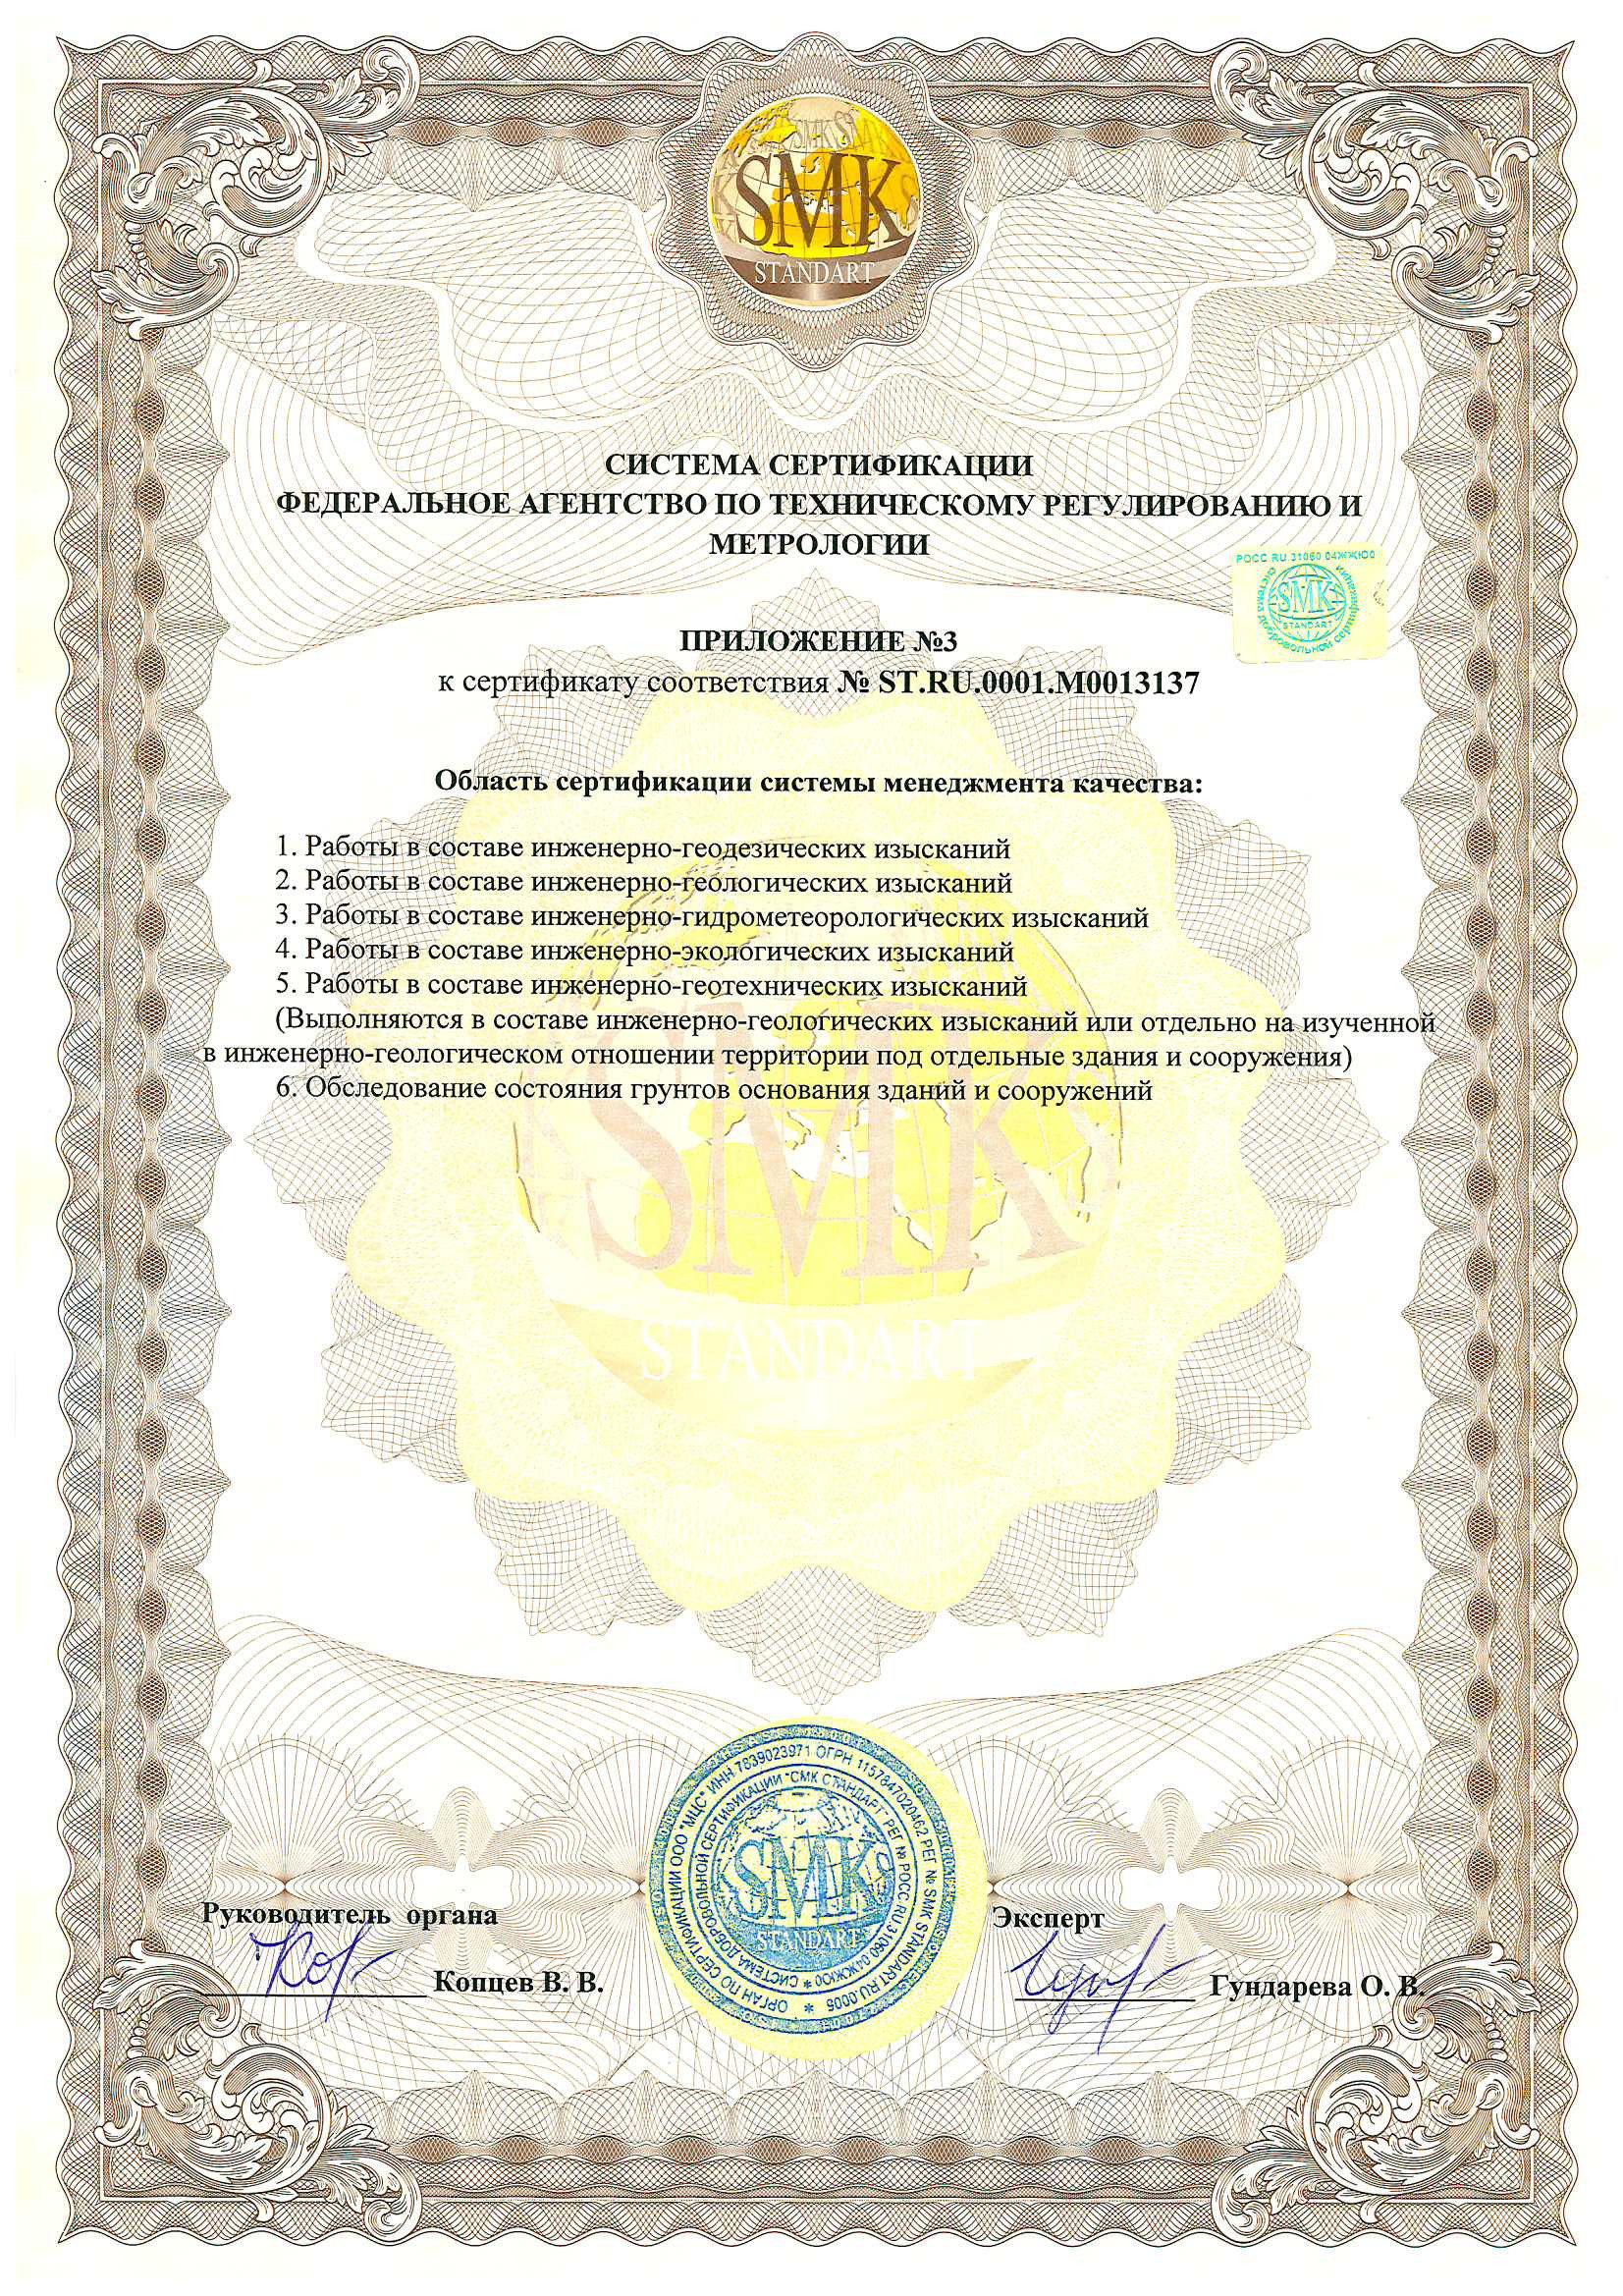 Приложение №3 к сертификату